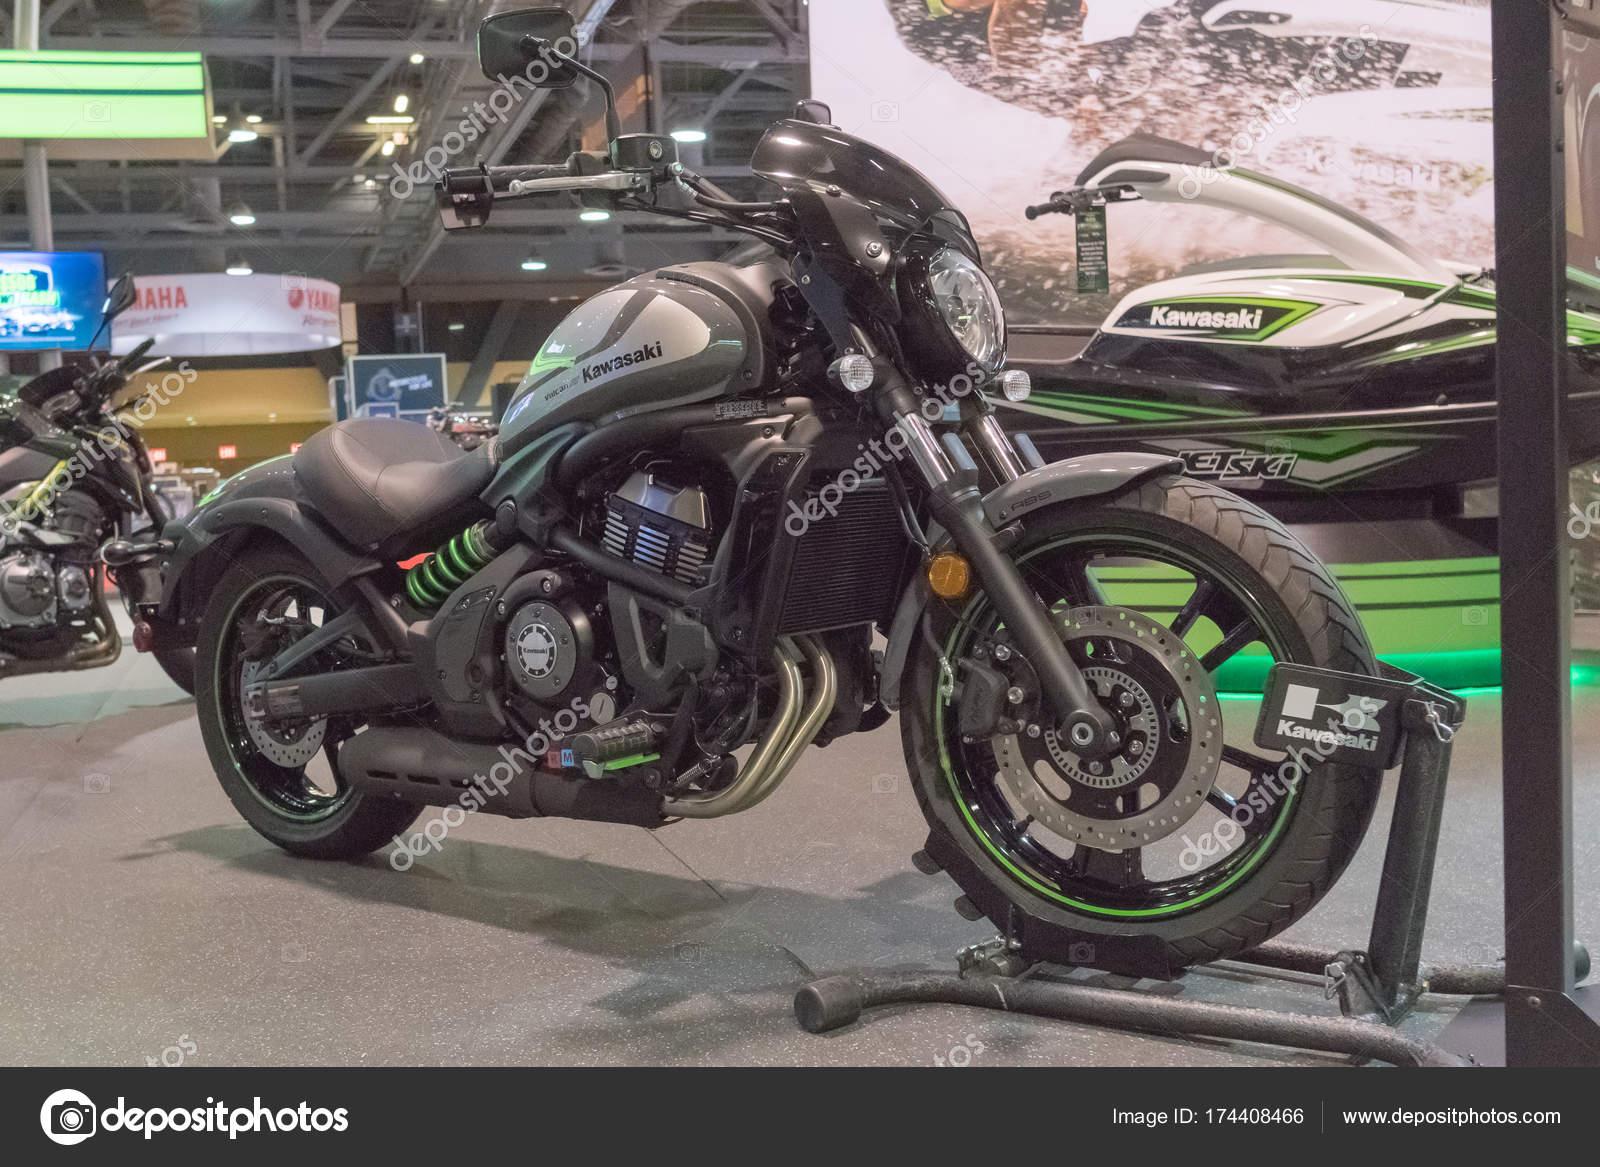 Kawasaki Vulcan S Em Exposição Fotografia De Stock